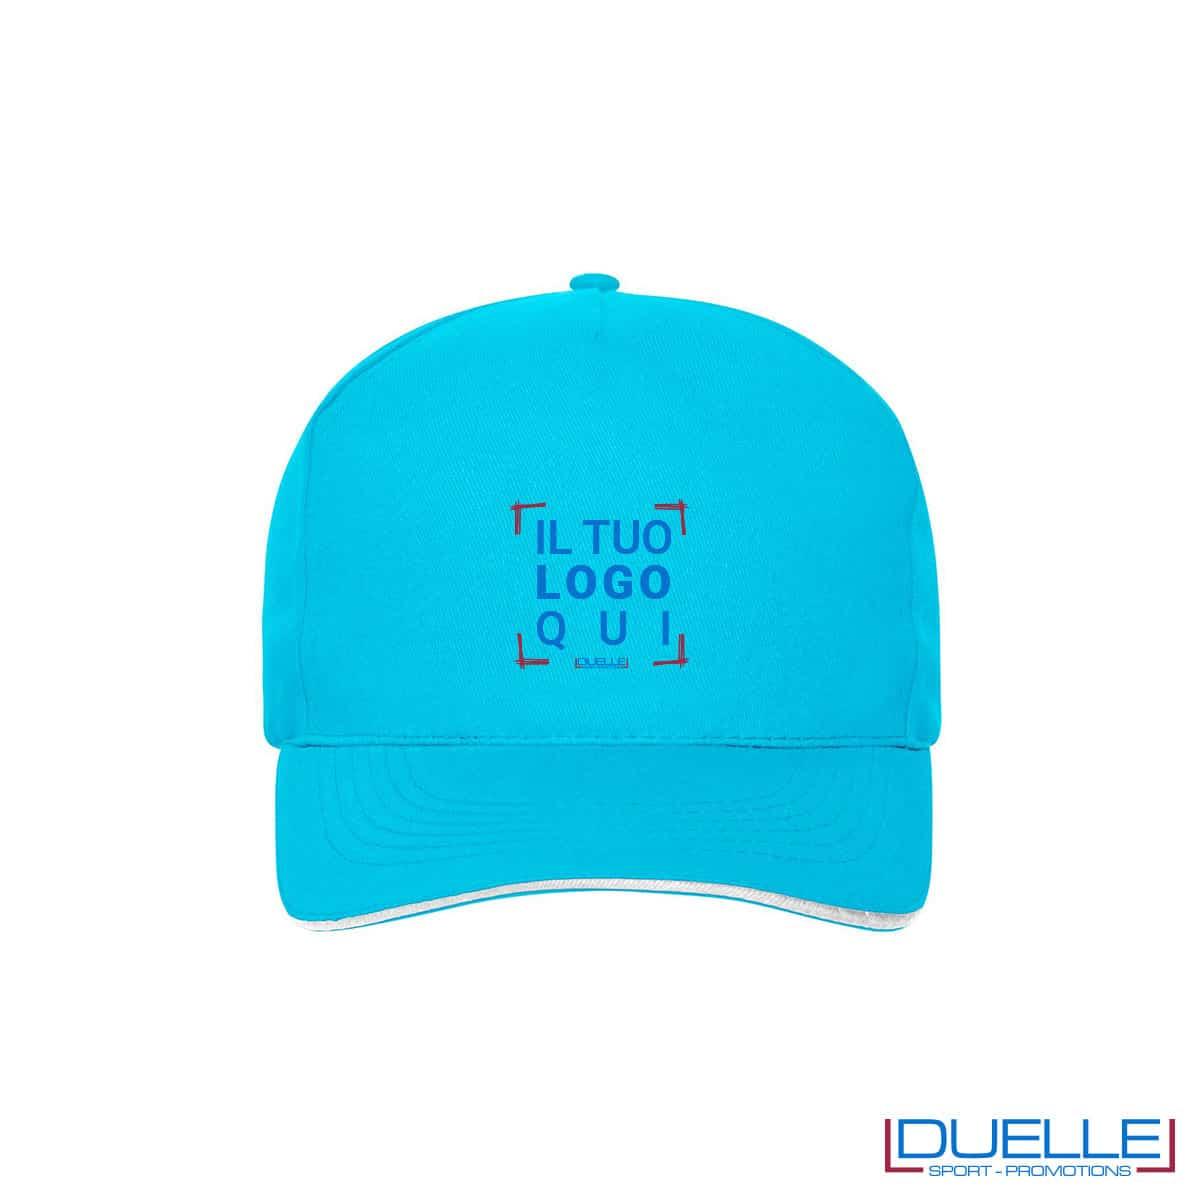 Cappello 100% cotone organico 5 pannelli colore turchese personalizzato